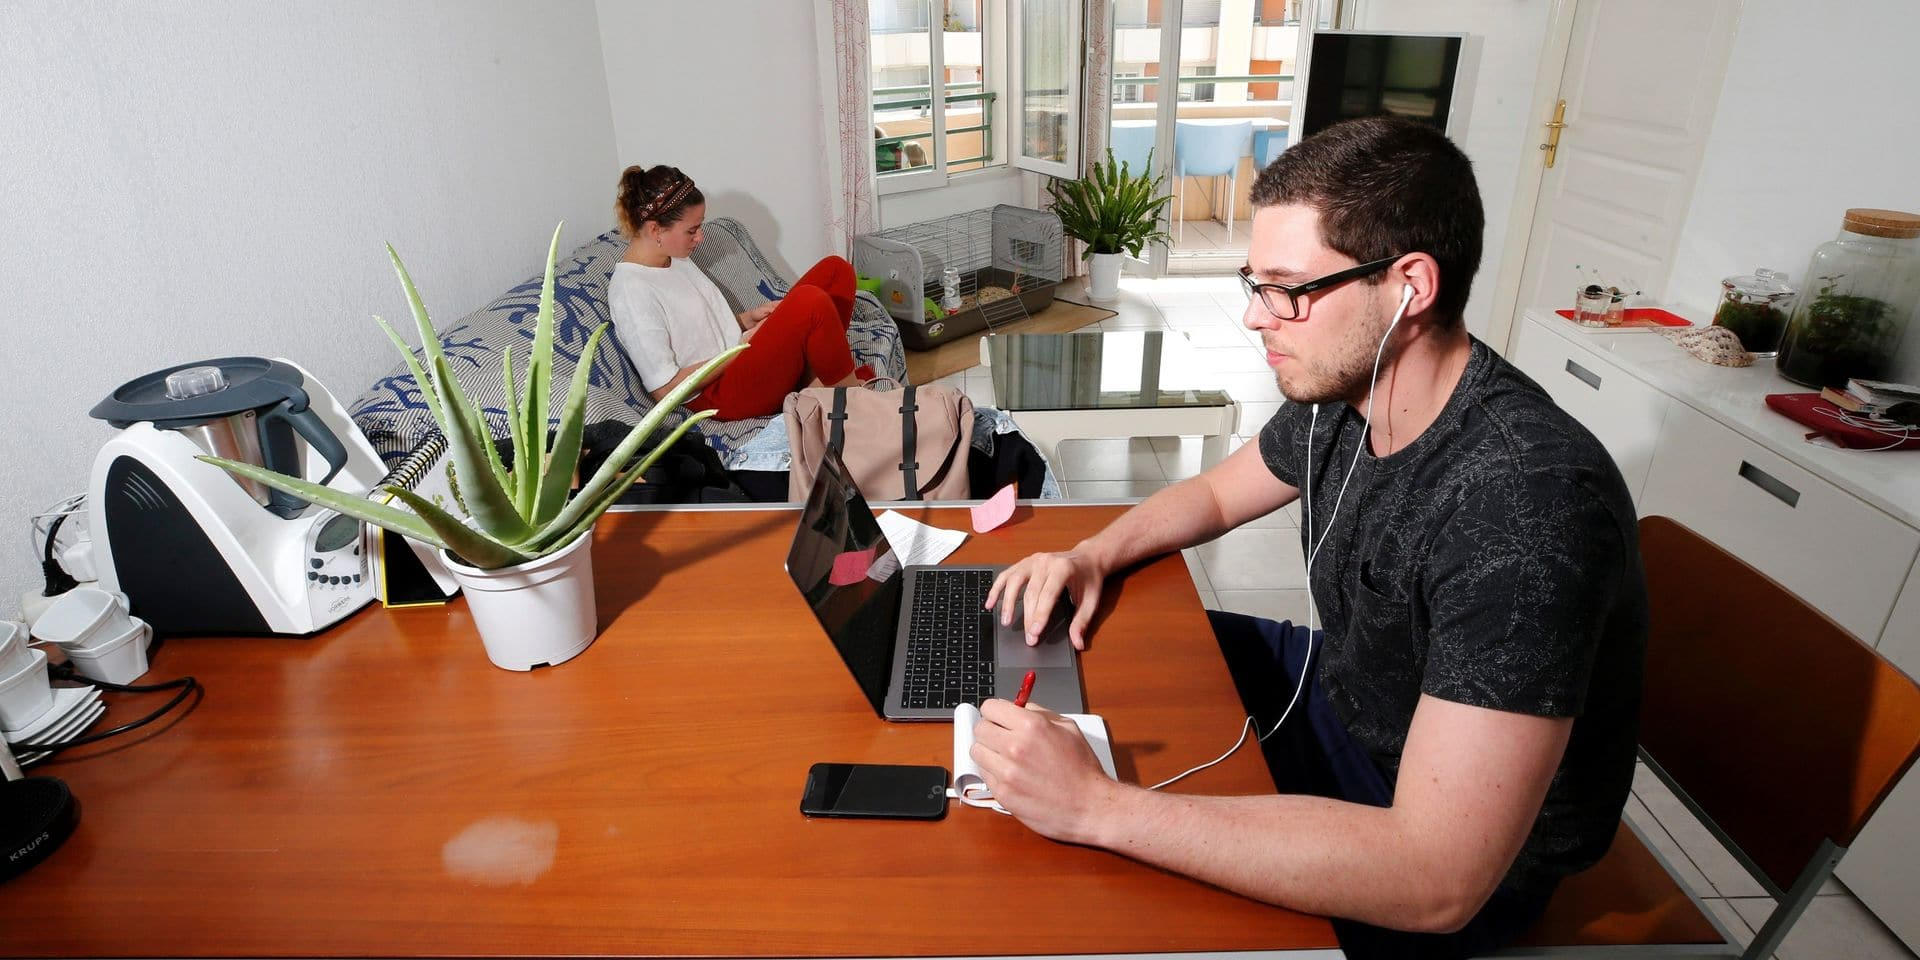 80% des Belges veulent pouvoir télétravailler plusieurs jours par semaine après la crise